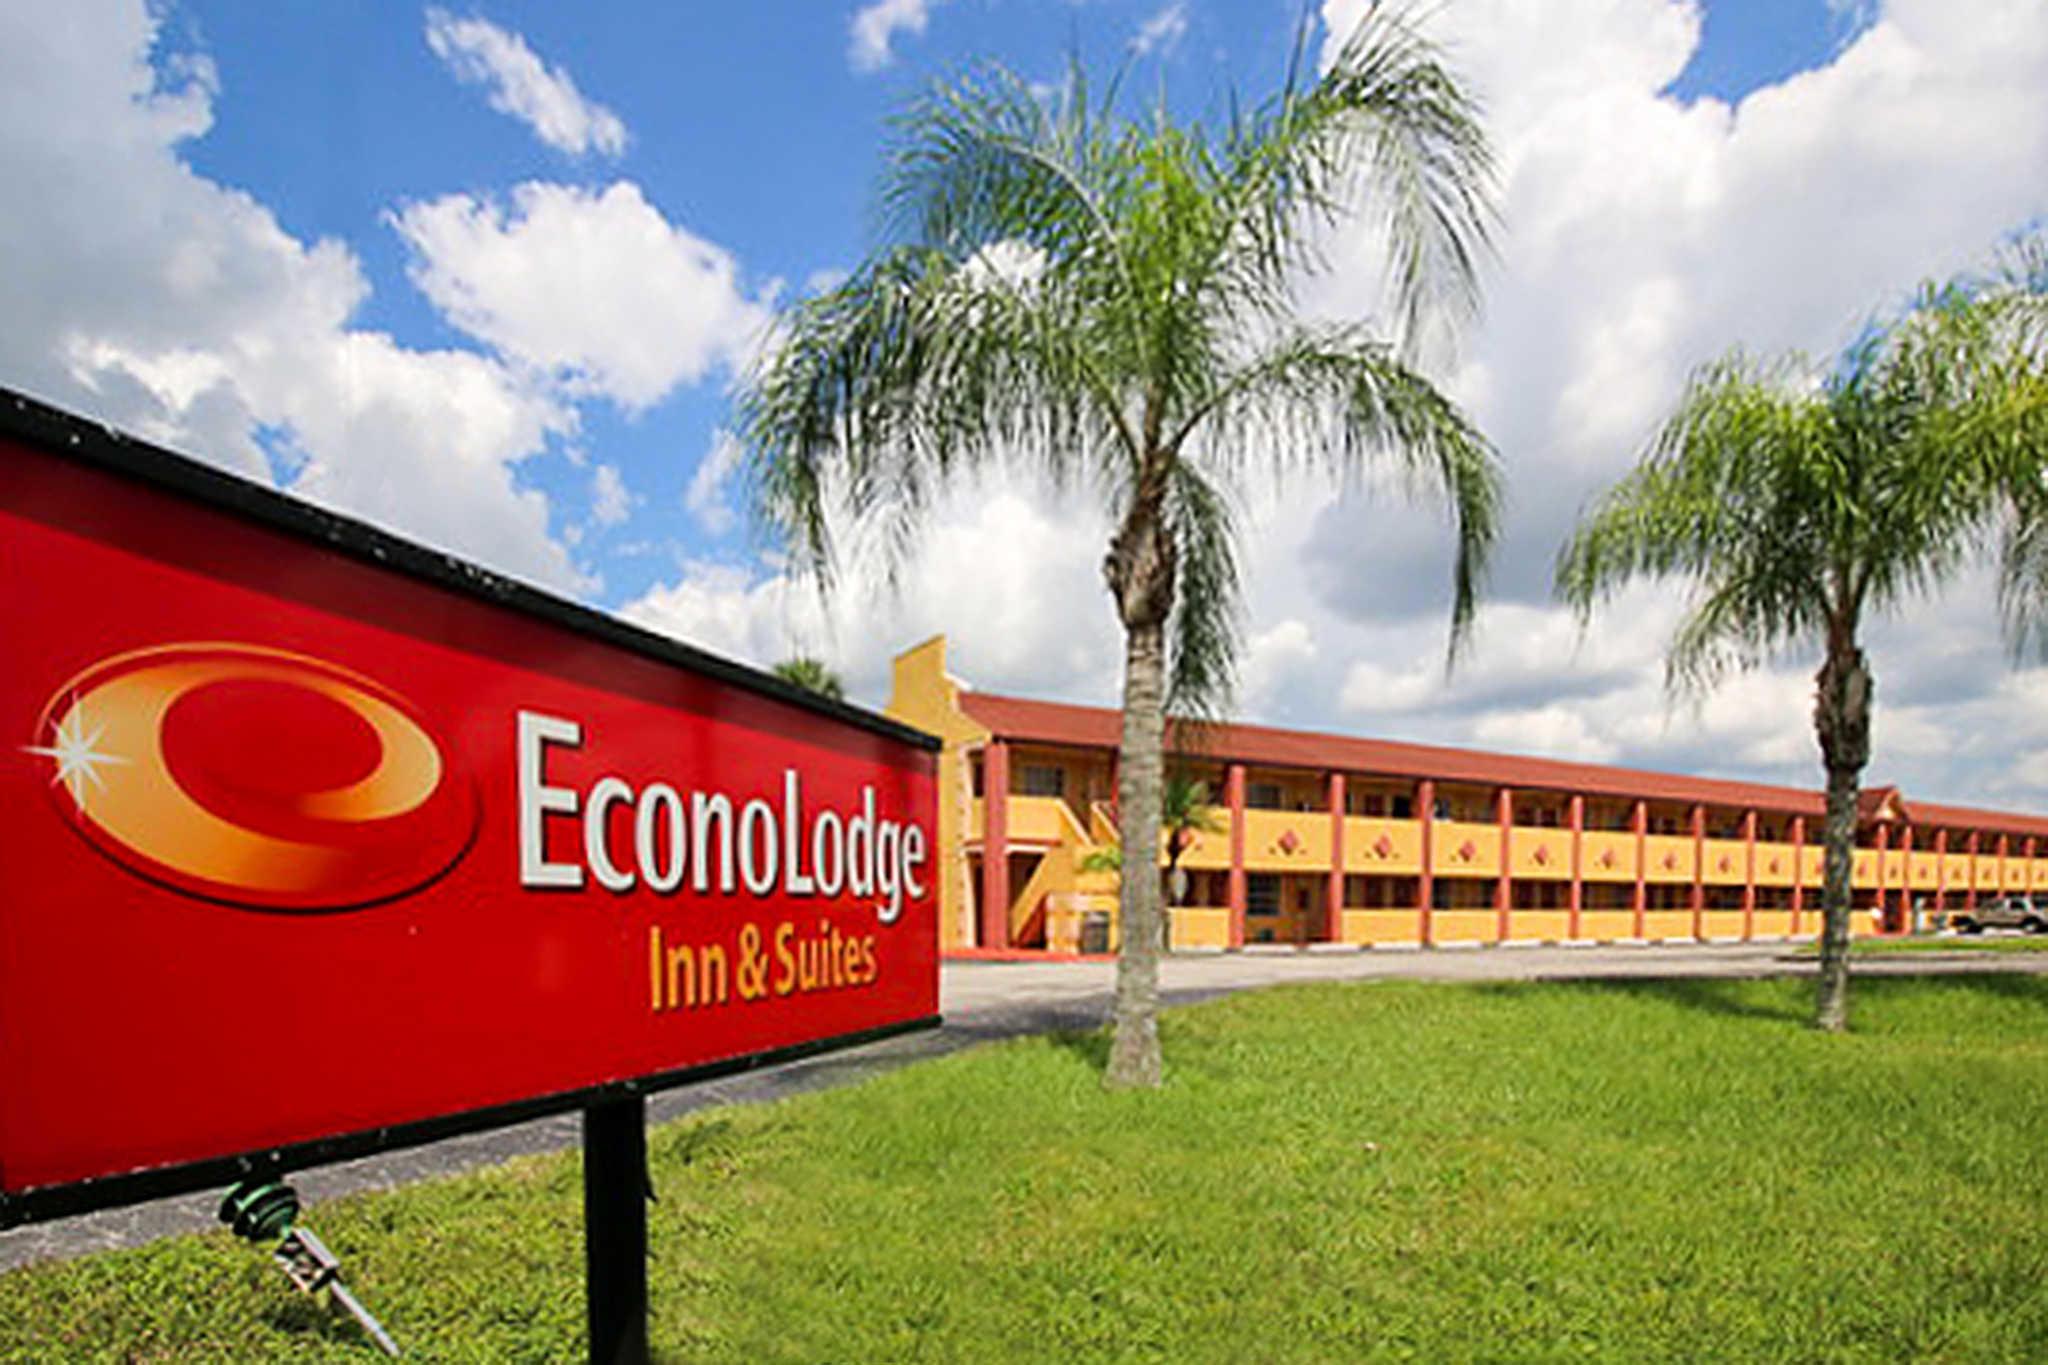 Econo Lodge  Inn & Suites Maingate Central image 1